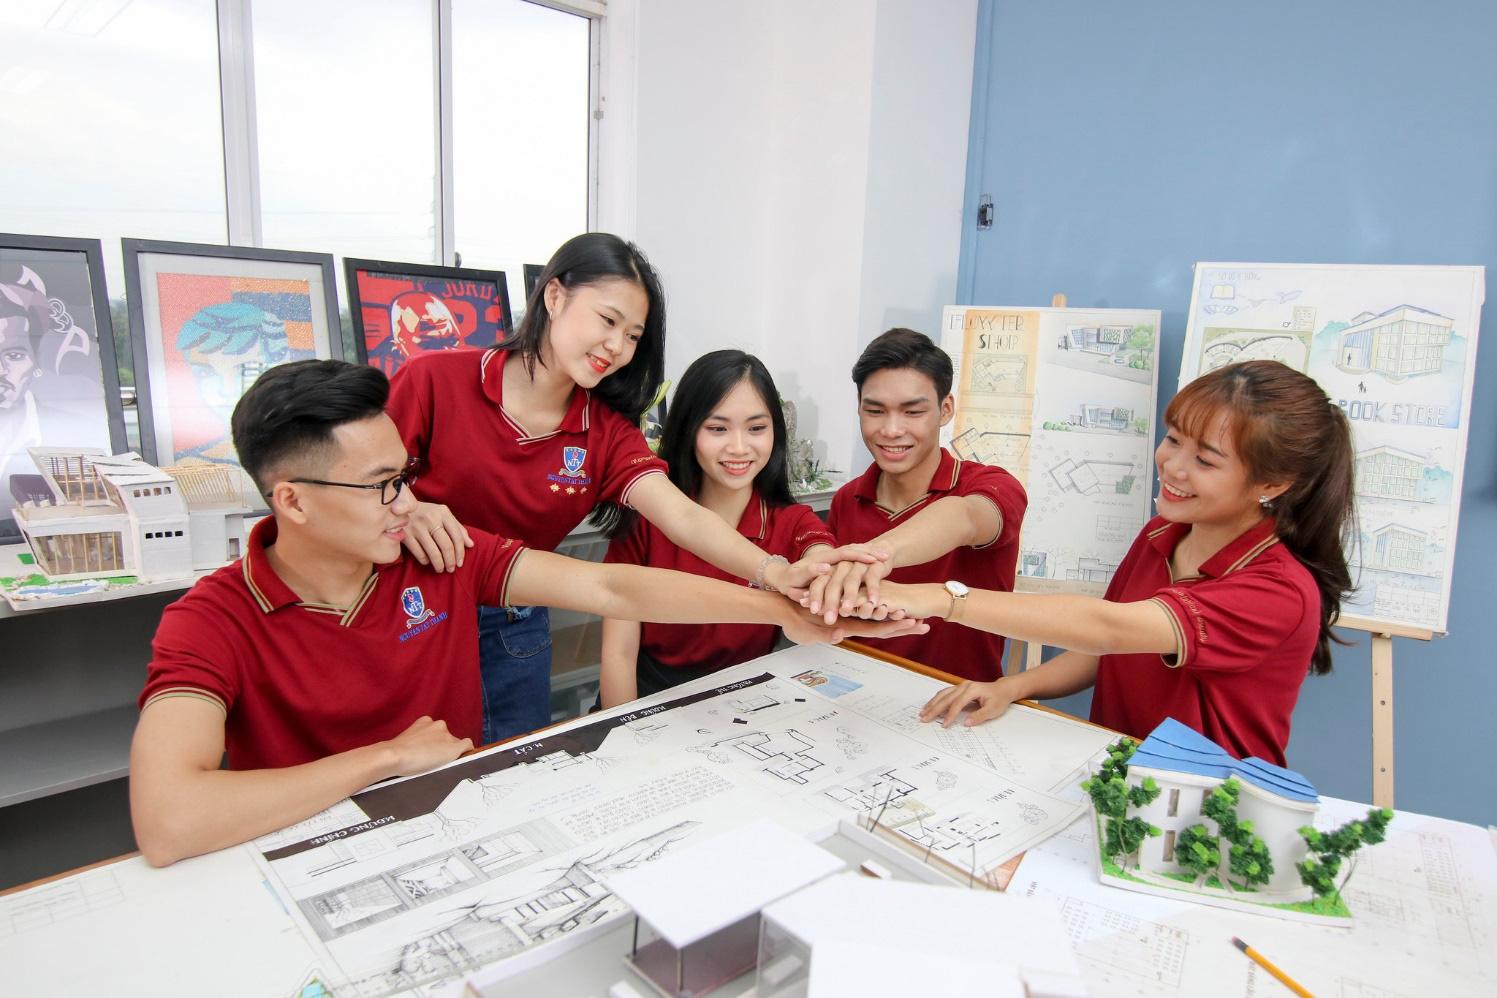 Nhận ngay học bổng 5 triệu đồng khi nhập học trước 14/09 tại Trường Đại học Nguyễn Tất Thành - Ảnh 2.